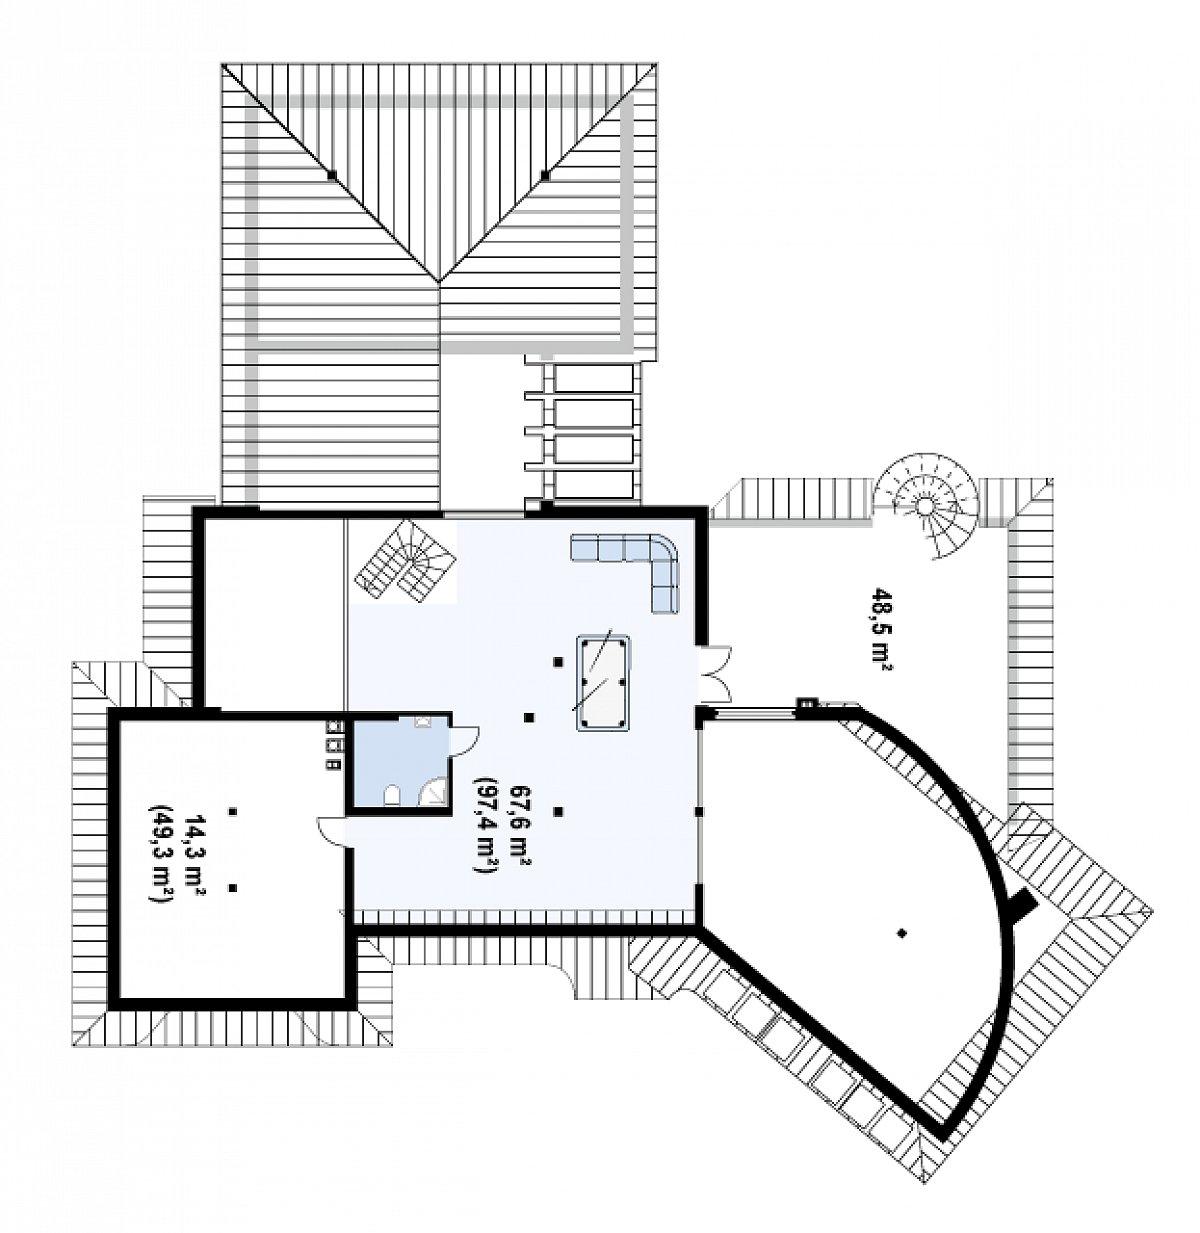 Второй этаж 91,2(152,9м²) дома Zr1